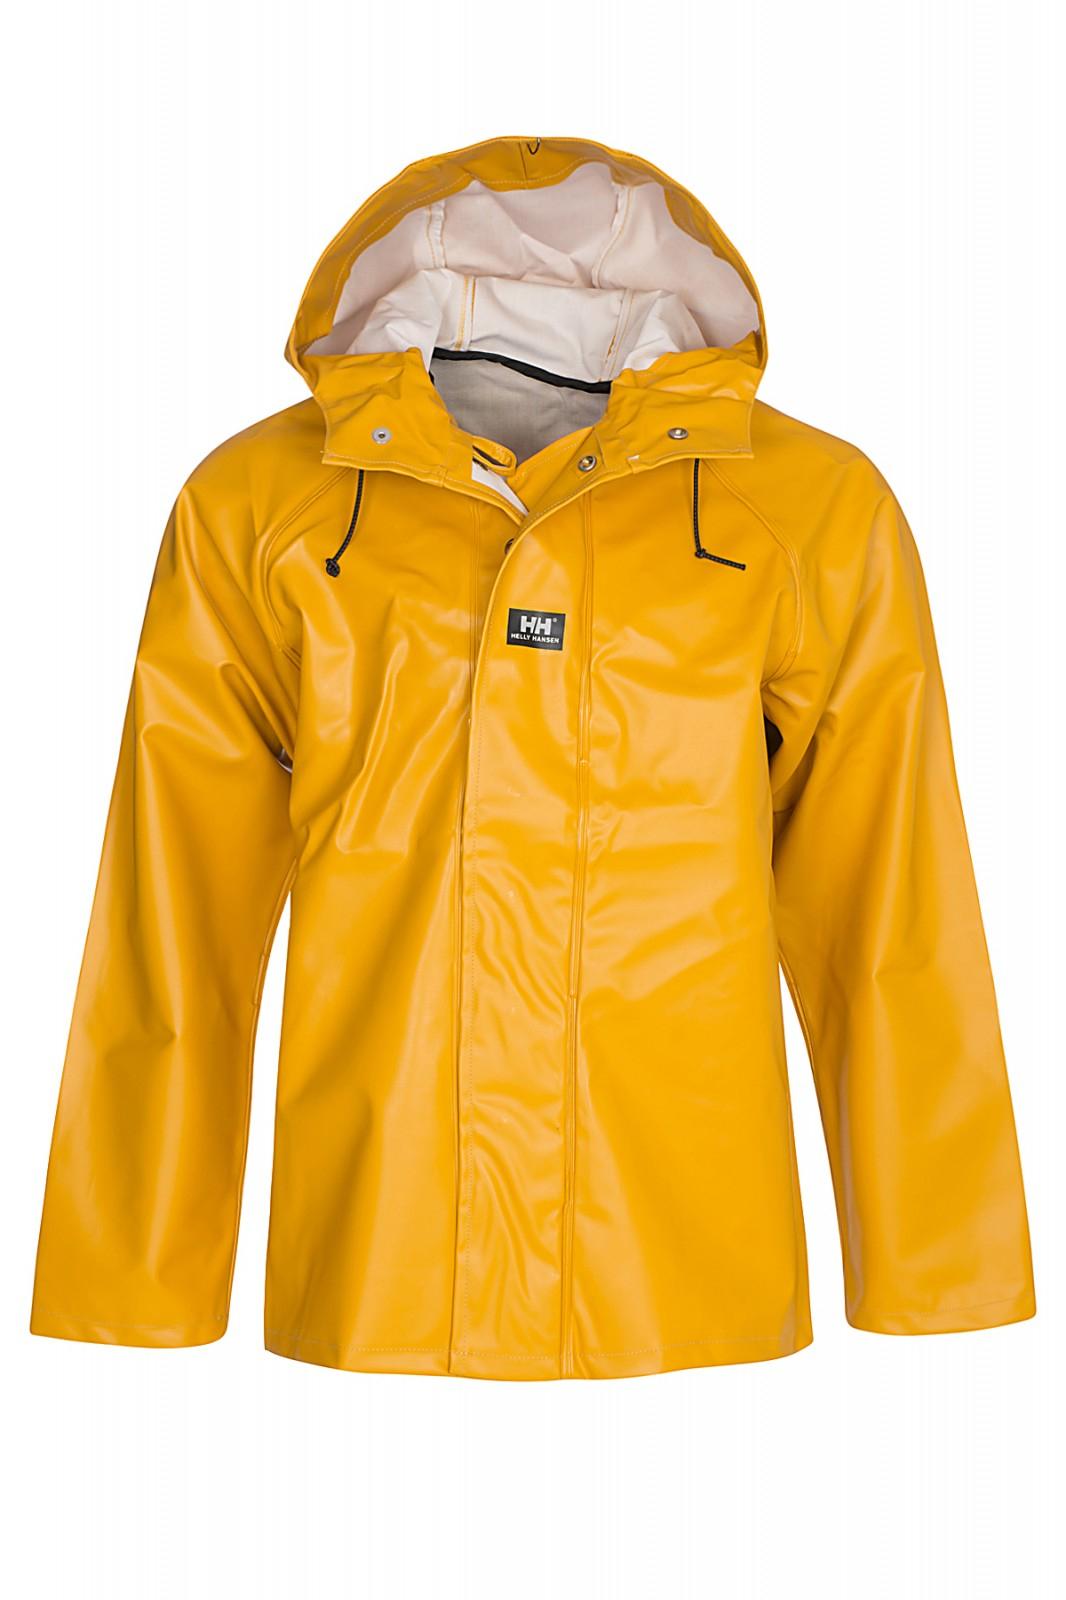 Helly Hansen Workwear Nusfjord für 17,99€ @ Outlet46 - Regenjacke Größe M & L *UPDATE*